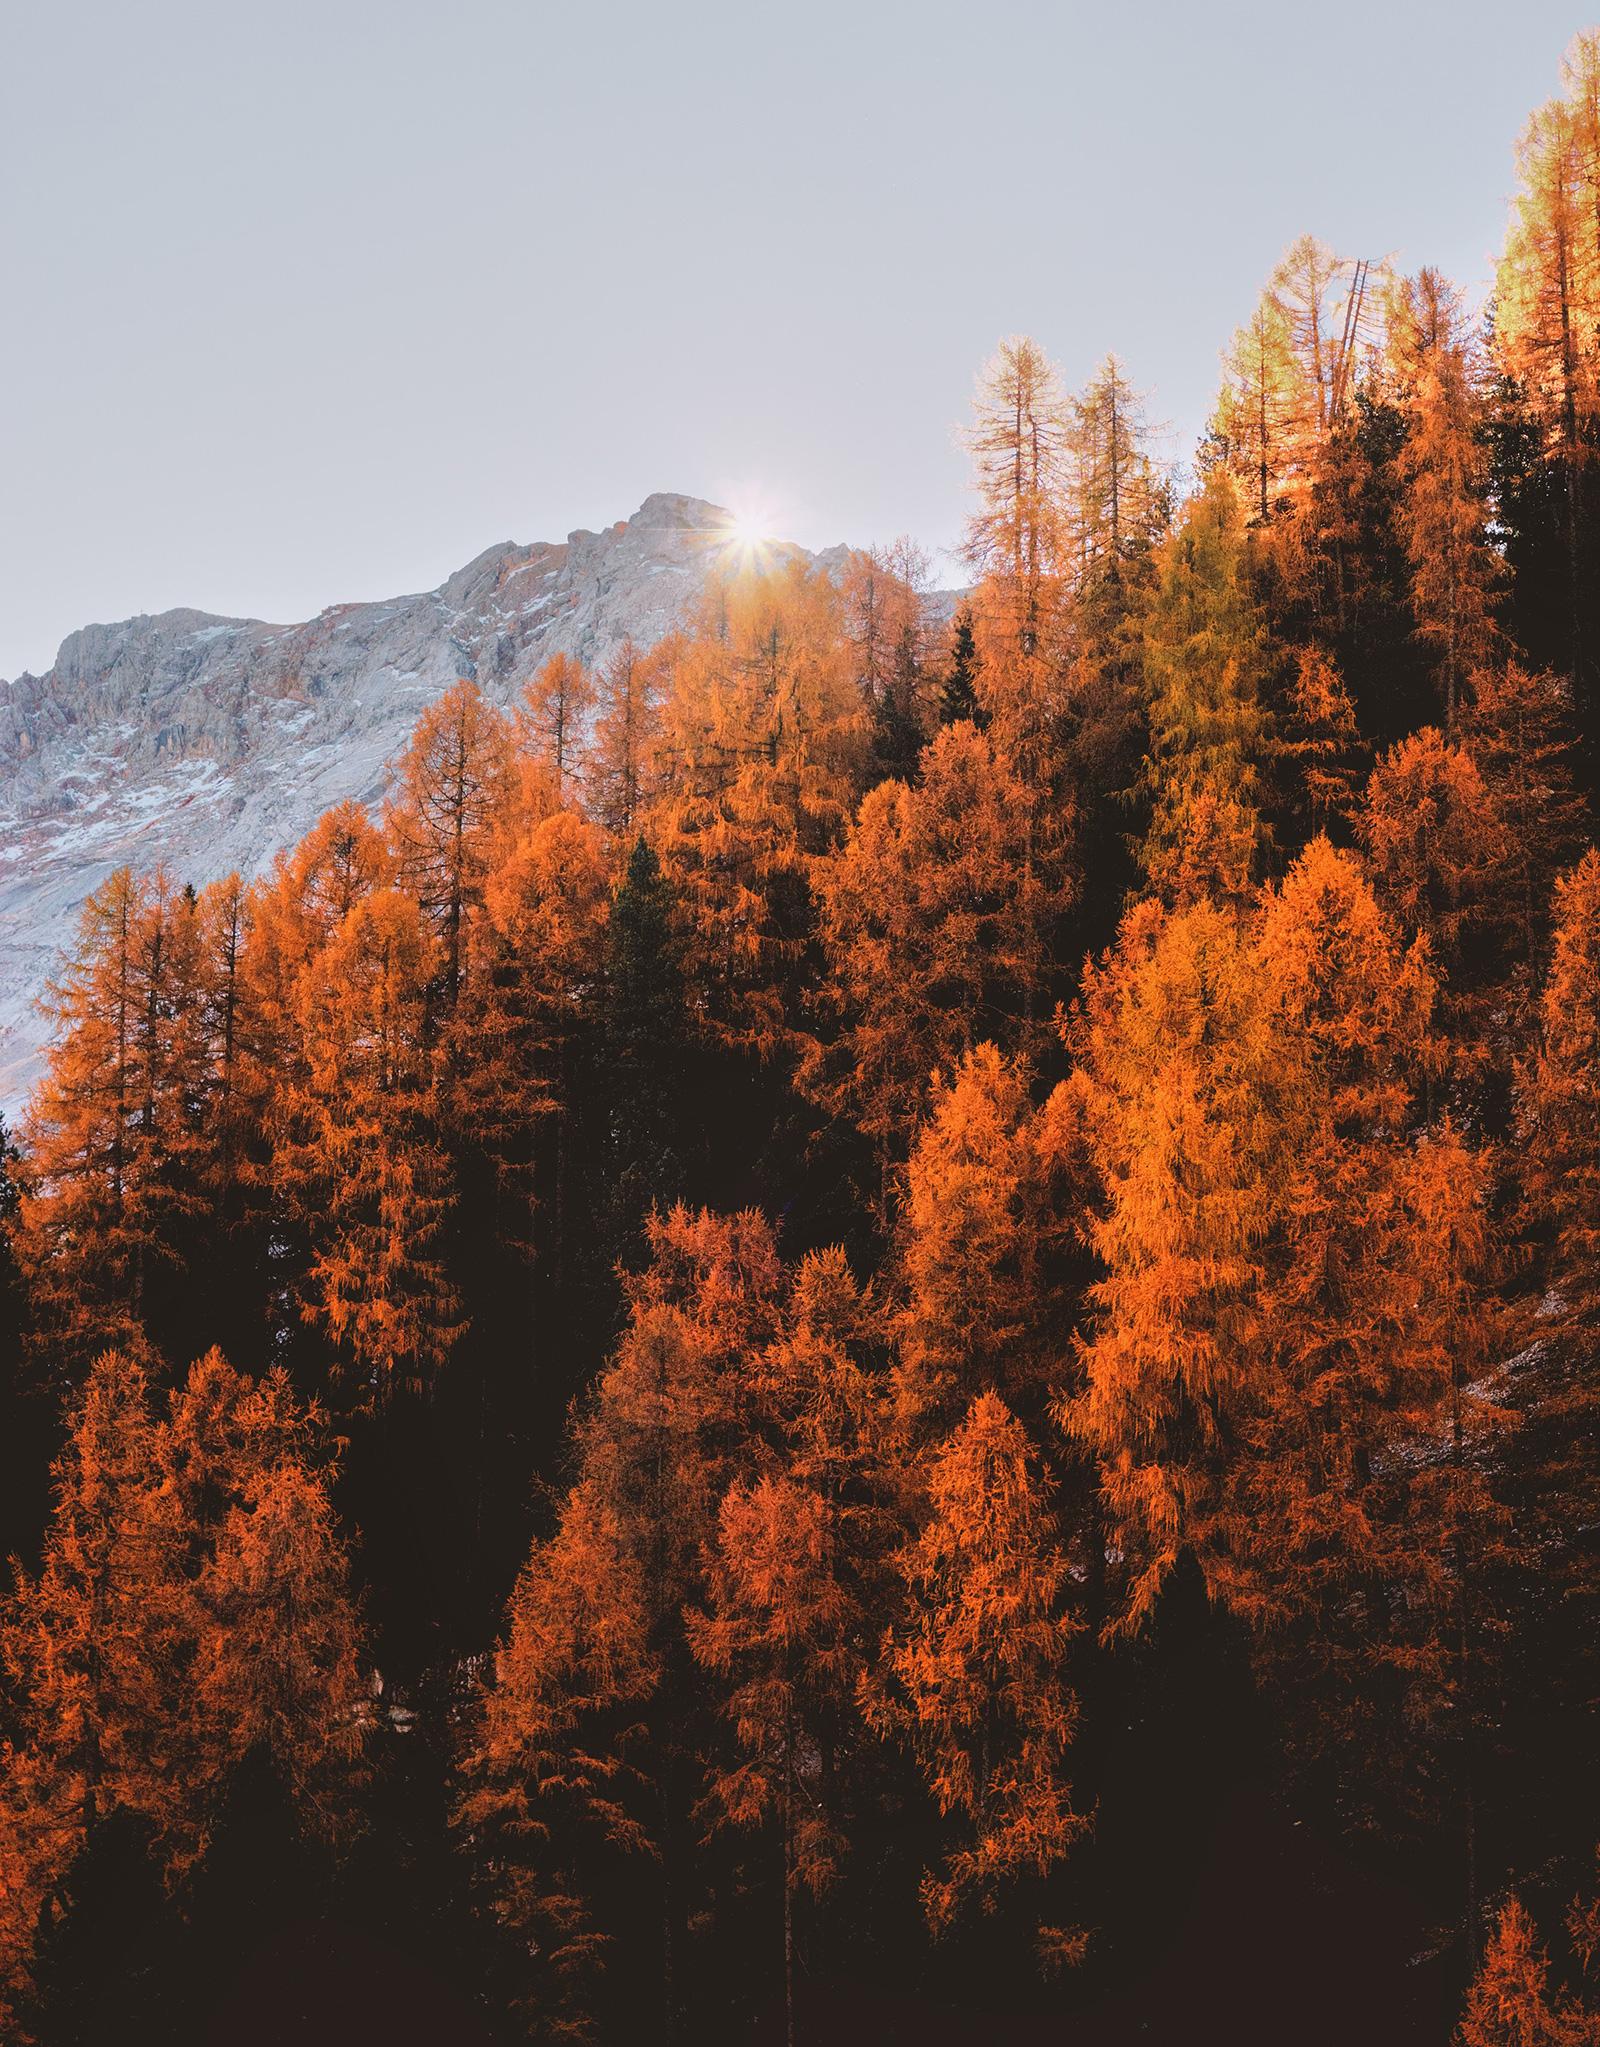 Empresas de maderas certificadas, Certificación forestal, Empresas con certificación de madera